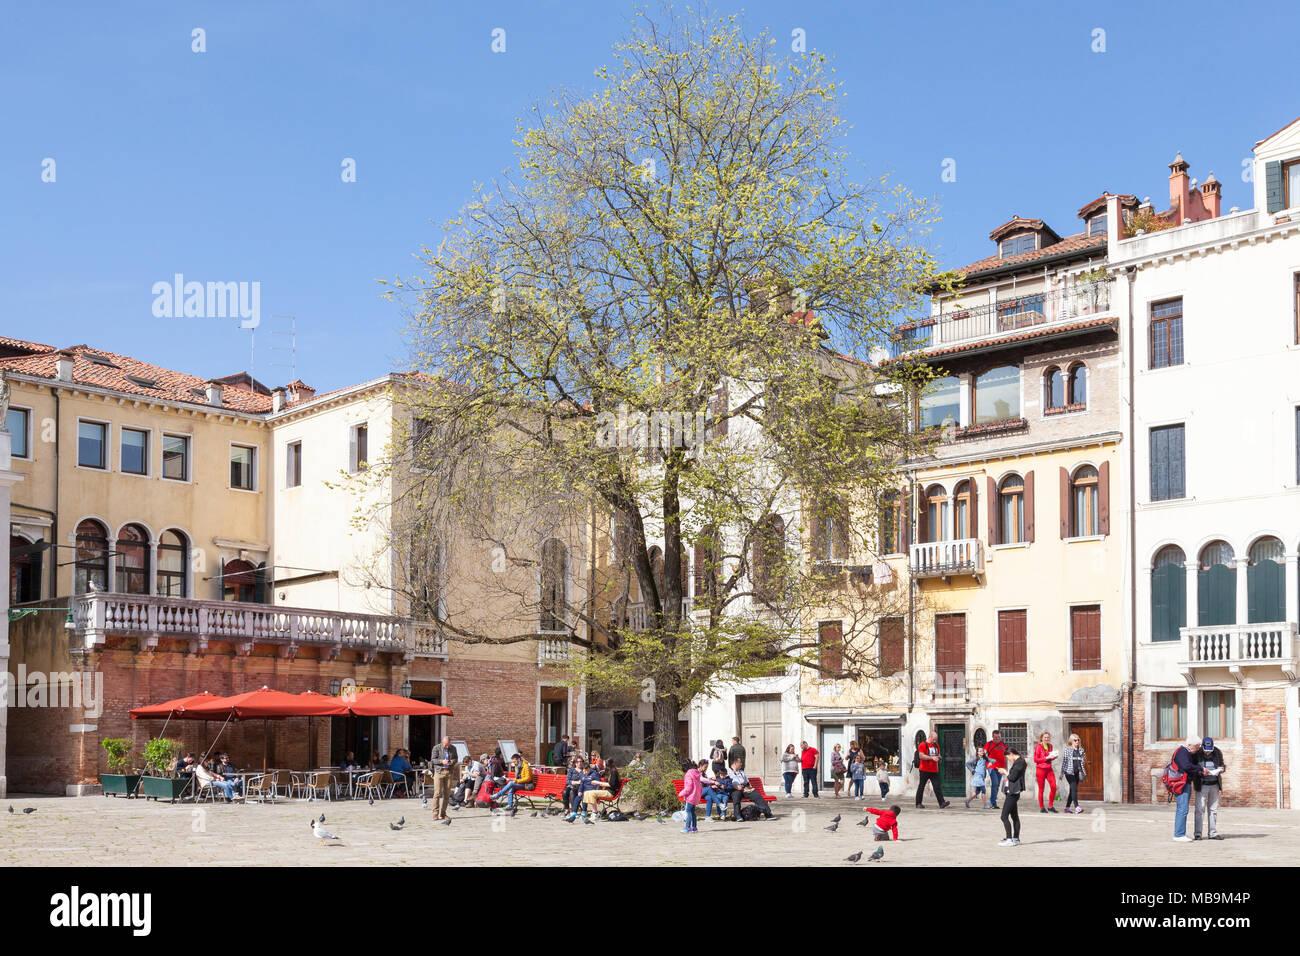 Campo San Polo, San Polo, Venezia, Veneto, Italia in primavera con la gente del posto e i loro bambini godendo del sole e del relax su panche sotto gli alberi Immagini Stock